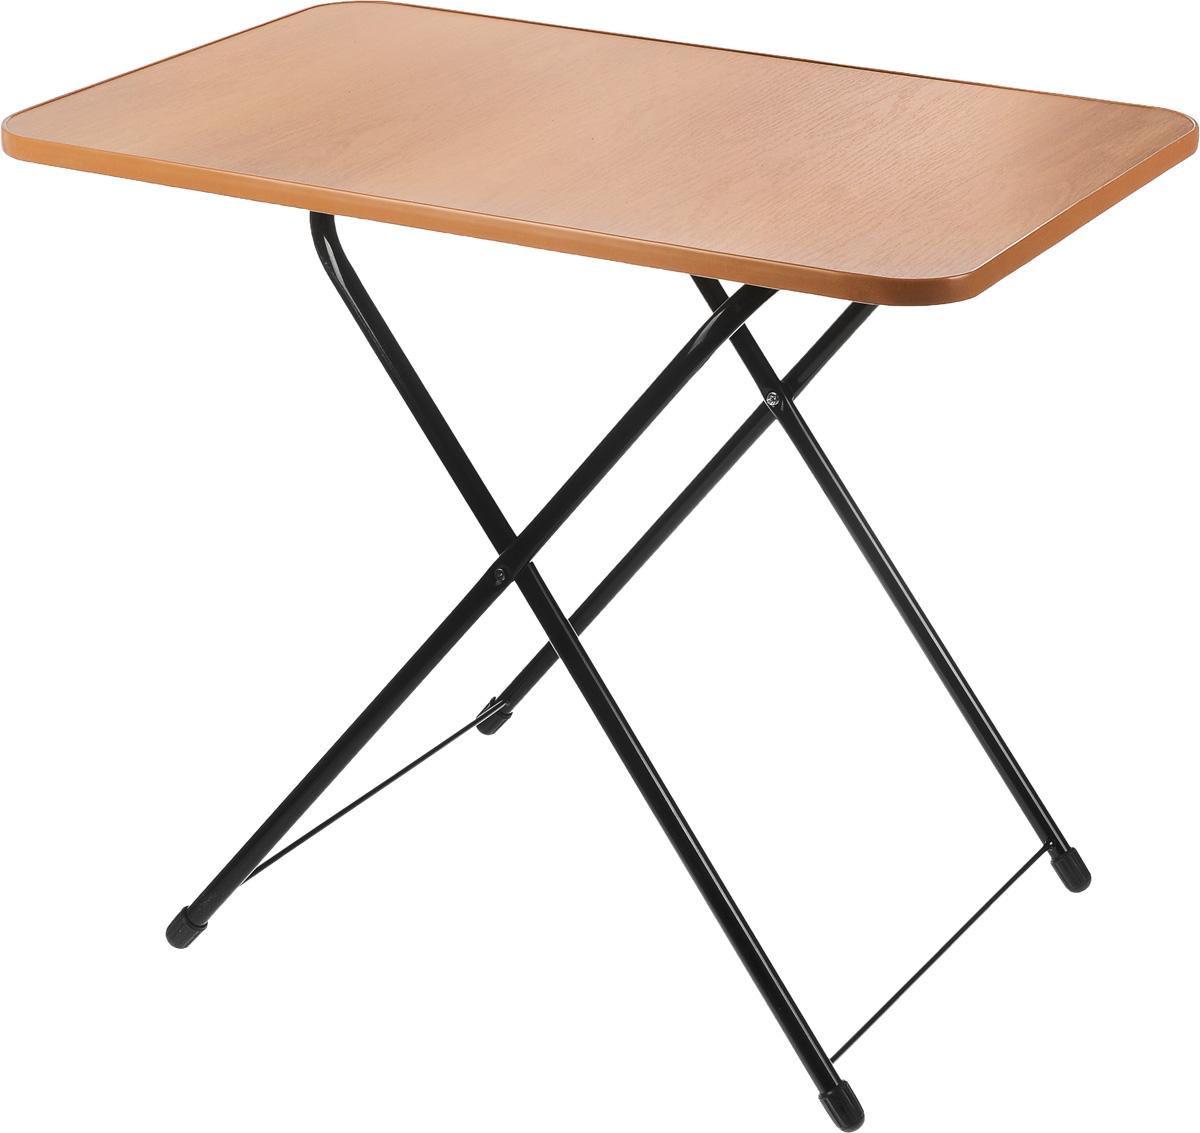 Стол складной Wildman, 75 х 50 х 62 см81-574Стол Wilman со складными ножками идеально подойдет для пикника,туристического похода или дачи. Каркас выполнен из высококачественной стали. Столешница из ЛДСП.Благодаря складным ножкам он занимает немного места и его легко перевозить вбагажнике. Высота стола регулируется в 2 положениях. Пластиковые накладки на ножках не царапает поверхность. Размер столешницы: 75 х 50 см. Максимальная высота: 62 см. Минимальная высота: 50 см.